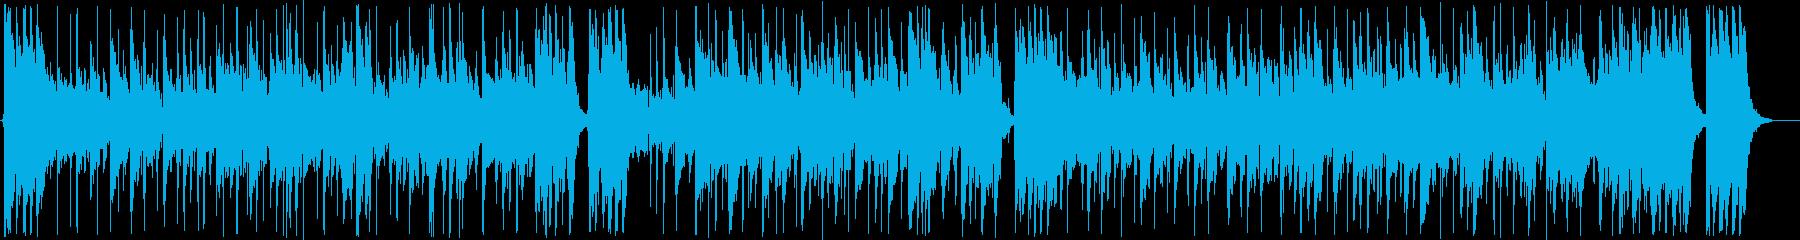 情熱的なギターフラメンコサウンドの再生済みの波形